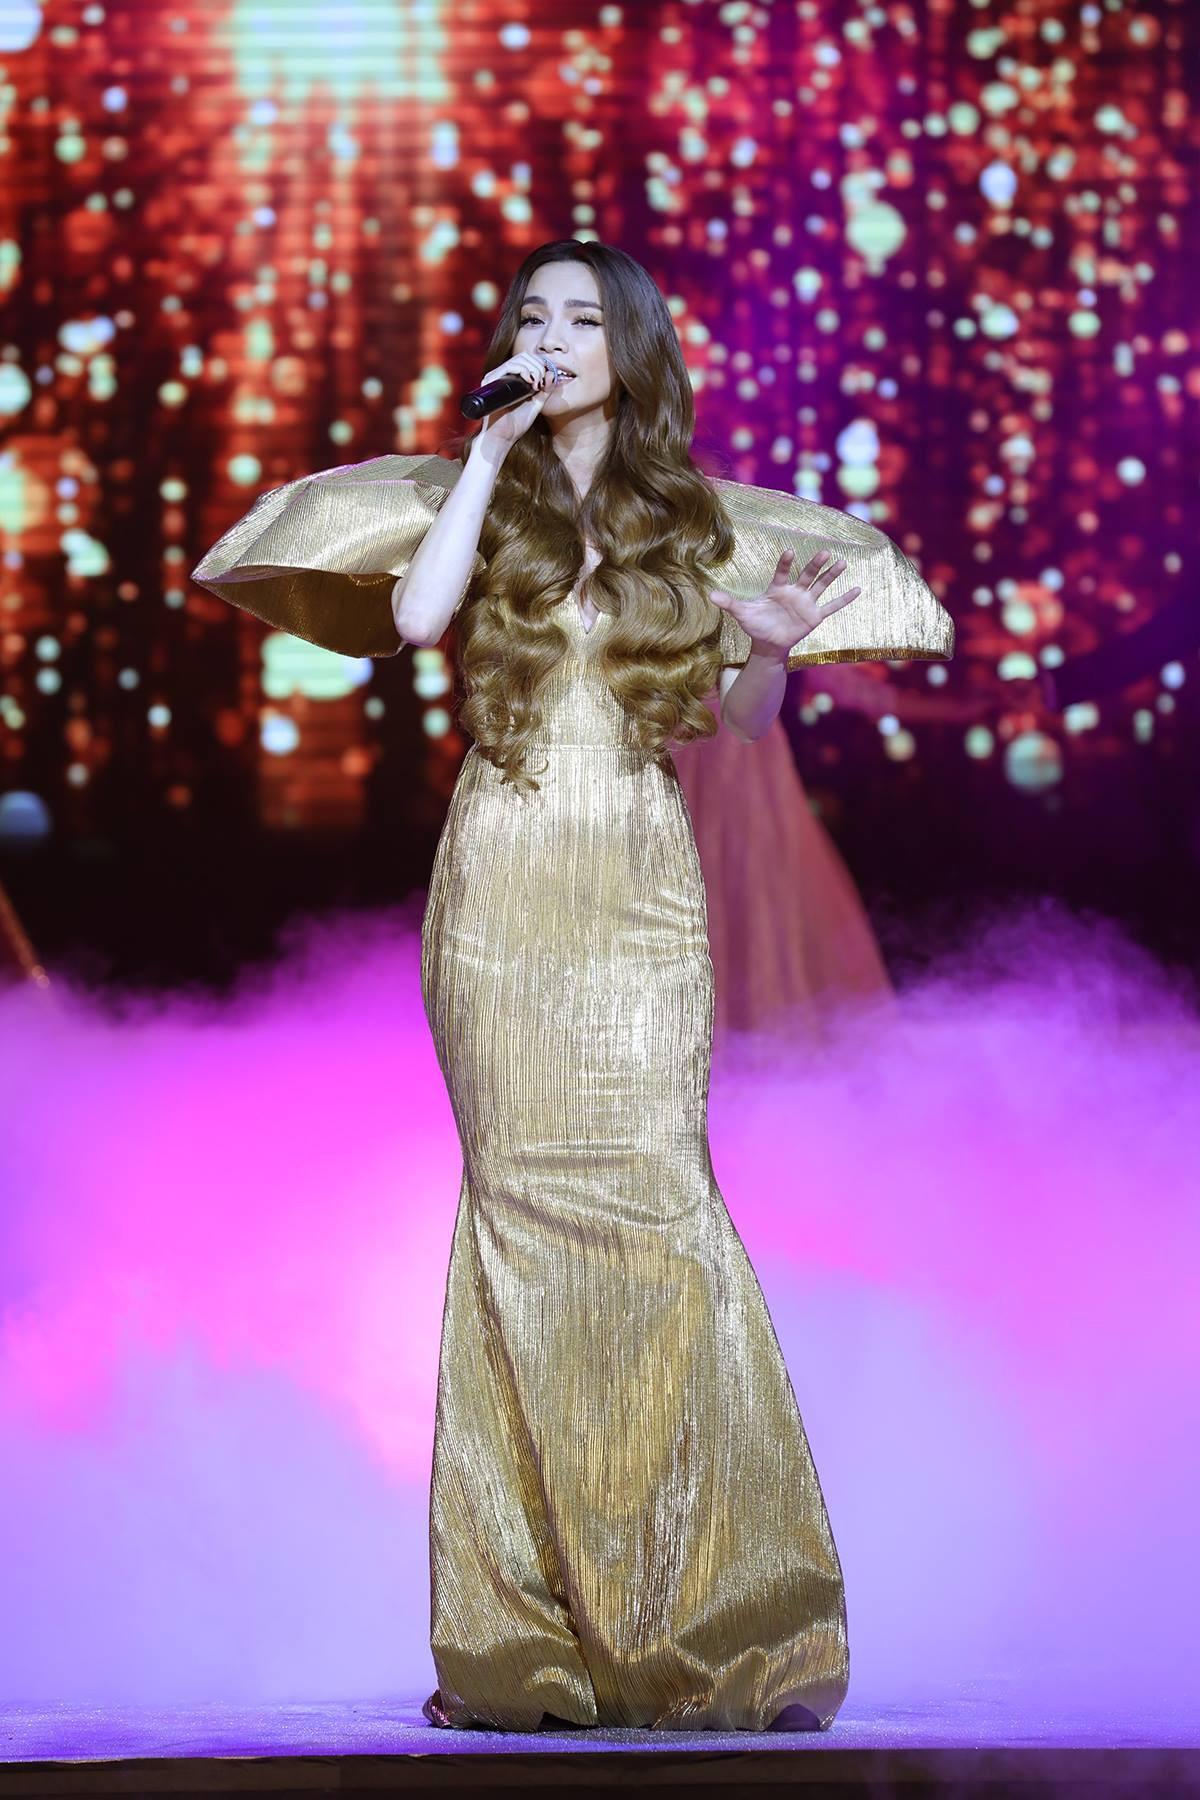 Nhờ Lý Quí Khánh, Hà Hồ dù có cả tủ đồ hiệu vẫn 3 lần dính nghi vấn mặc váy nhái?